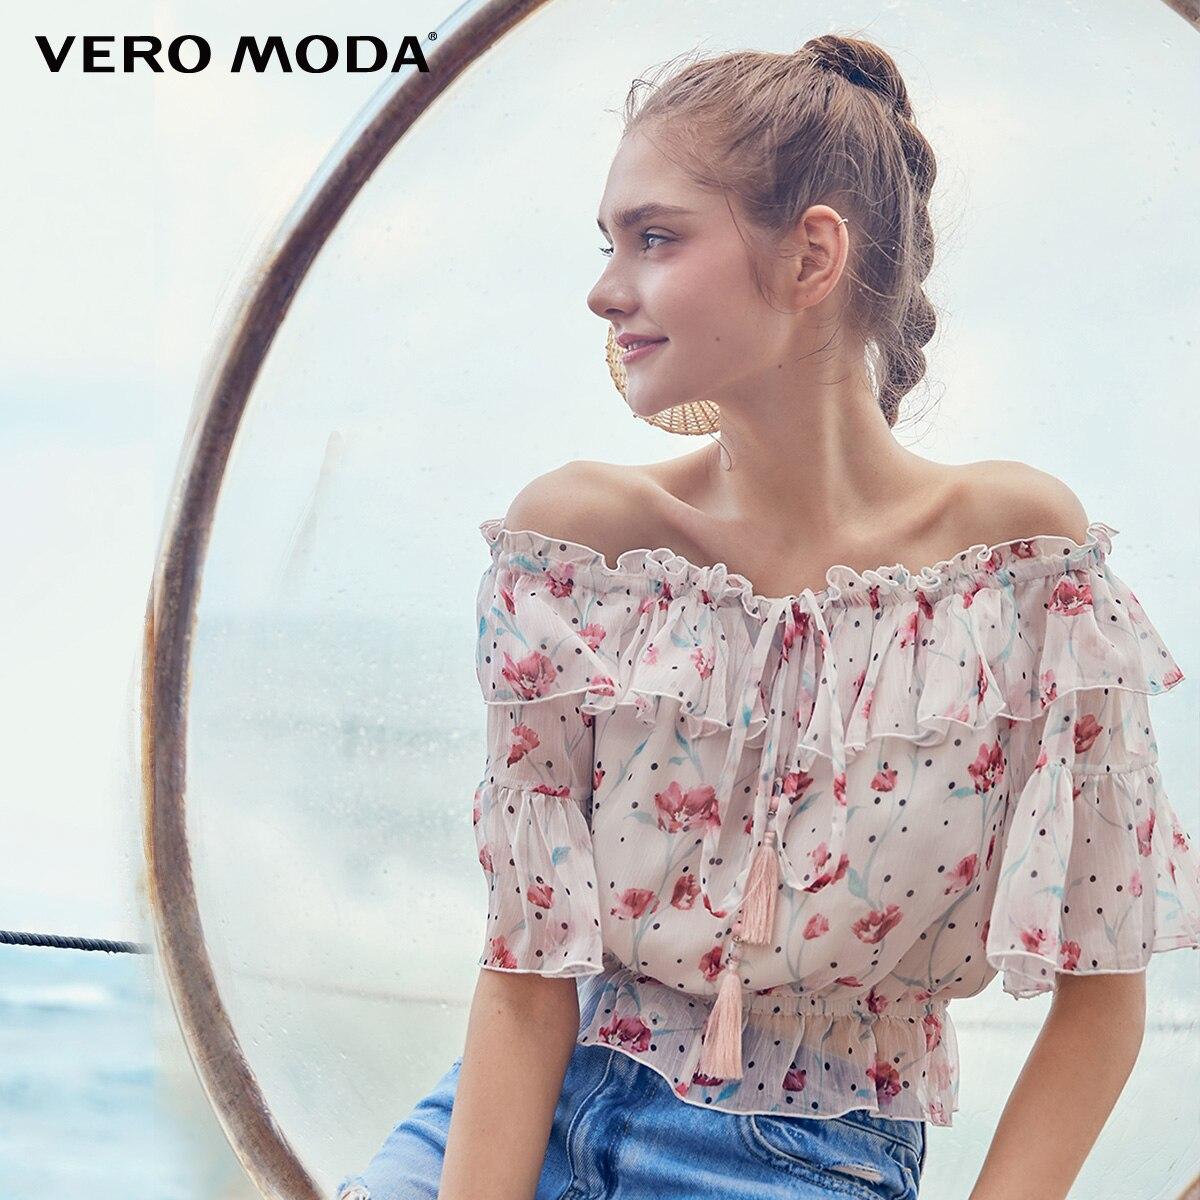 Vero Moda Women's Floral Print Ruffled Off-the-shoulder Chiffon Shirt | 31926X527